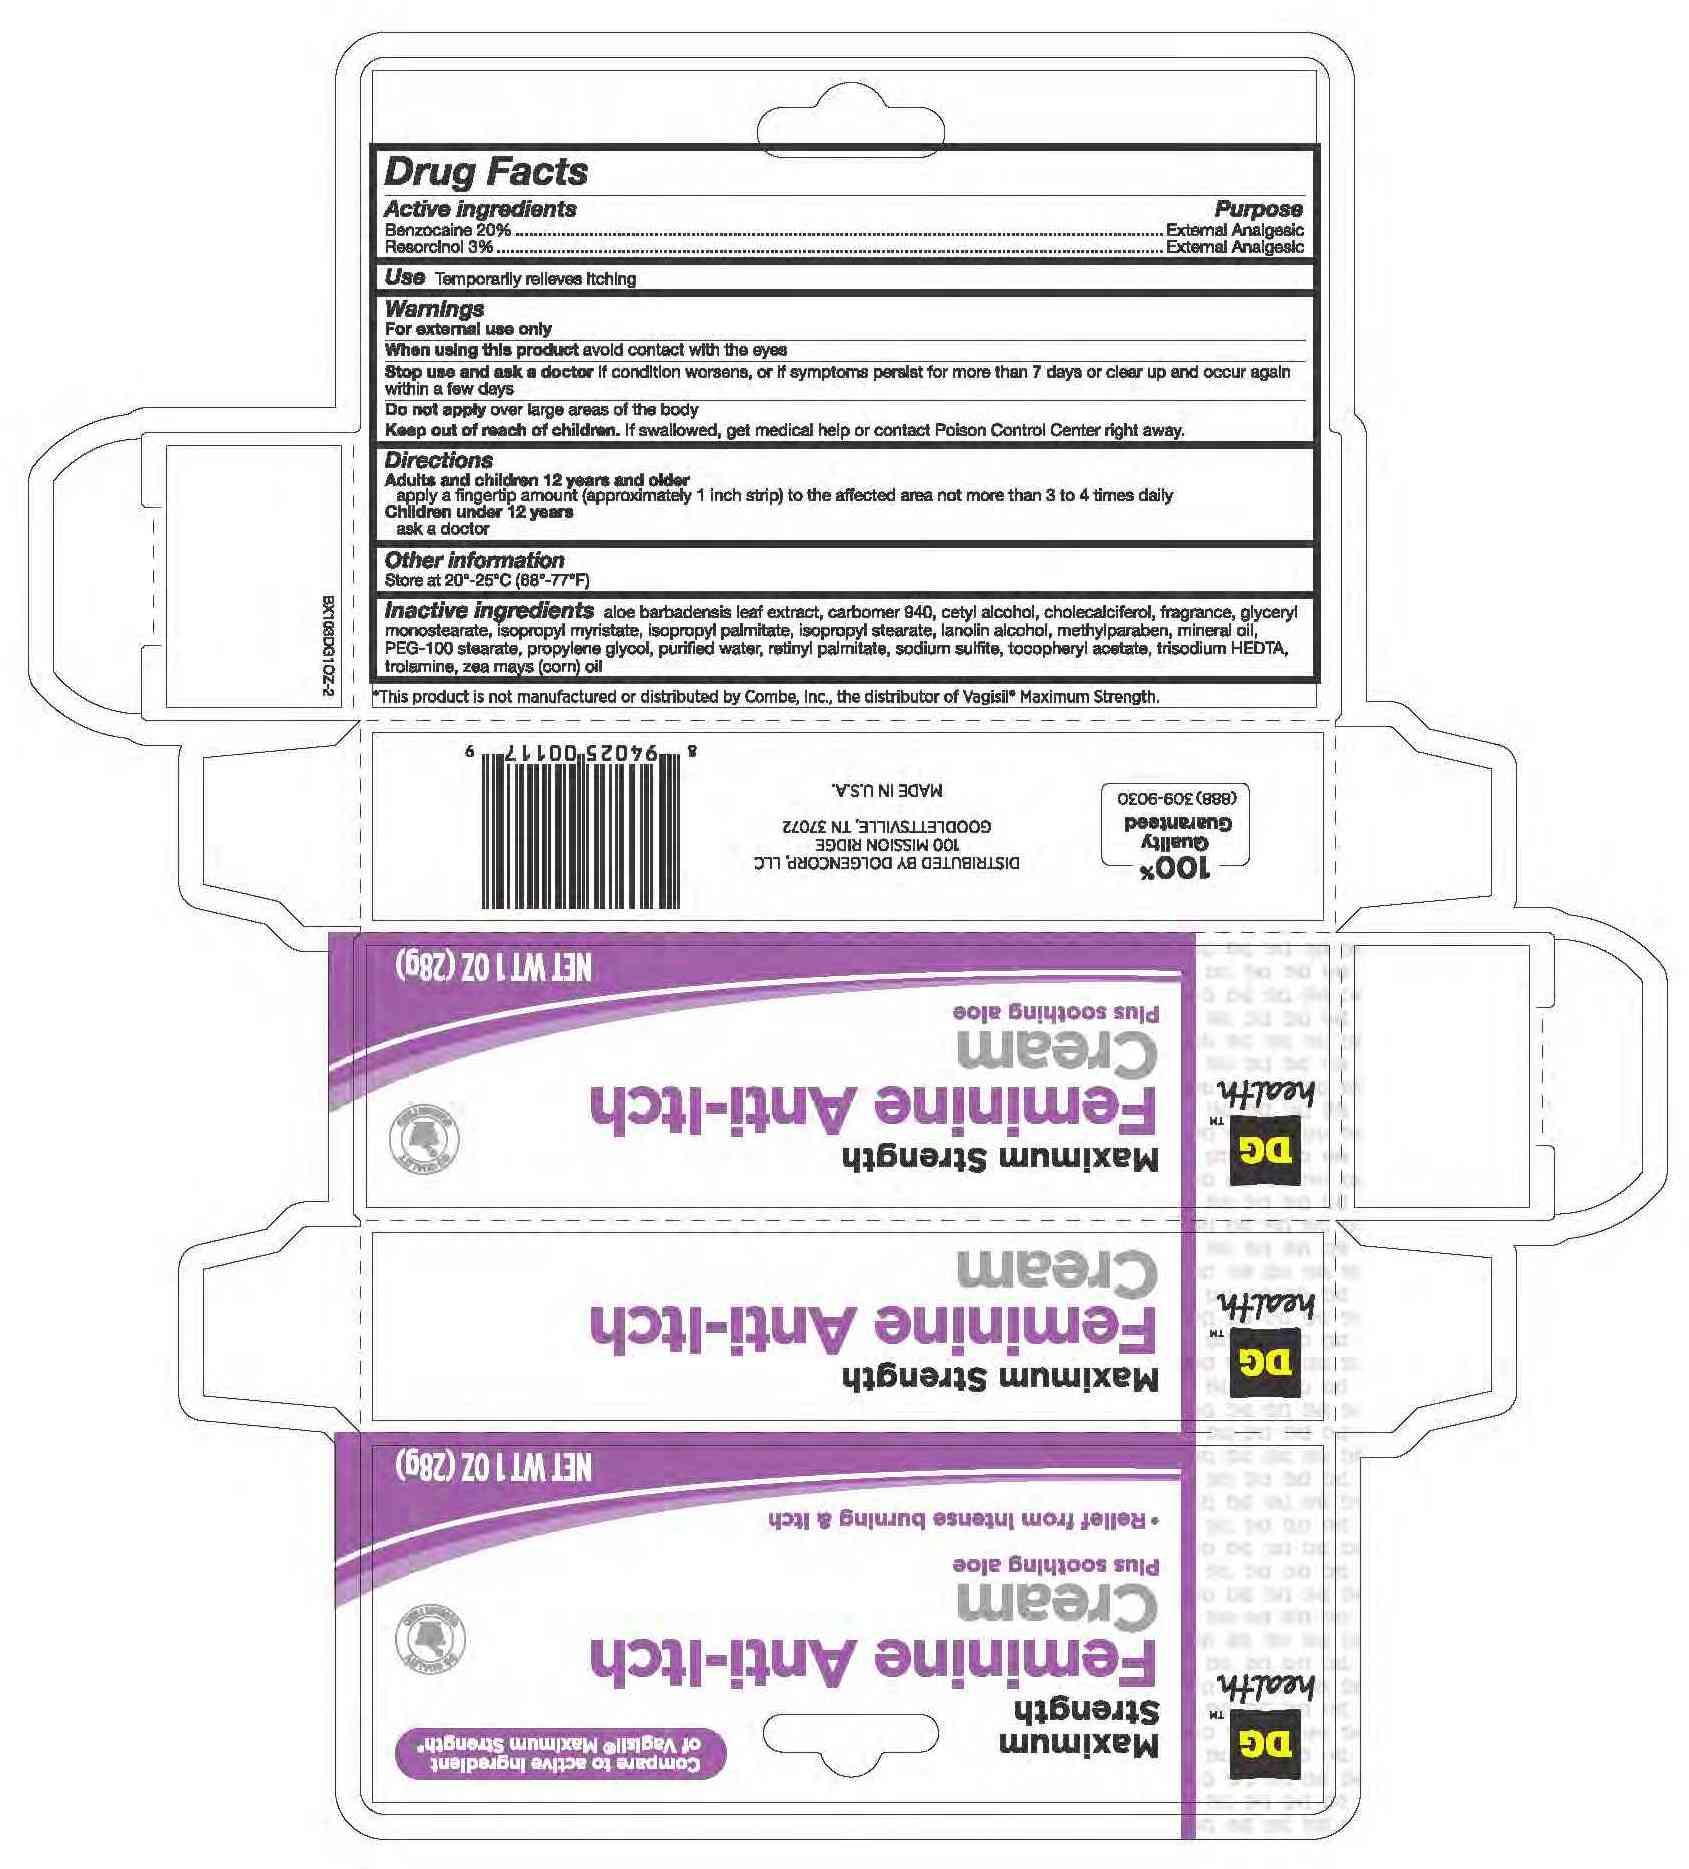 BENZOCAINE and RESORCINOL: Details from the FDA, via OTCLabels com